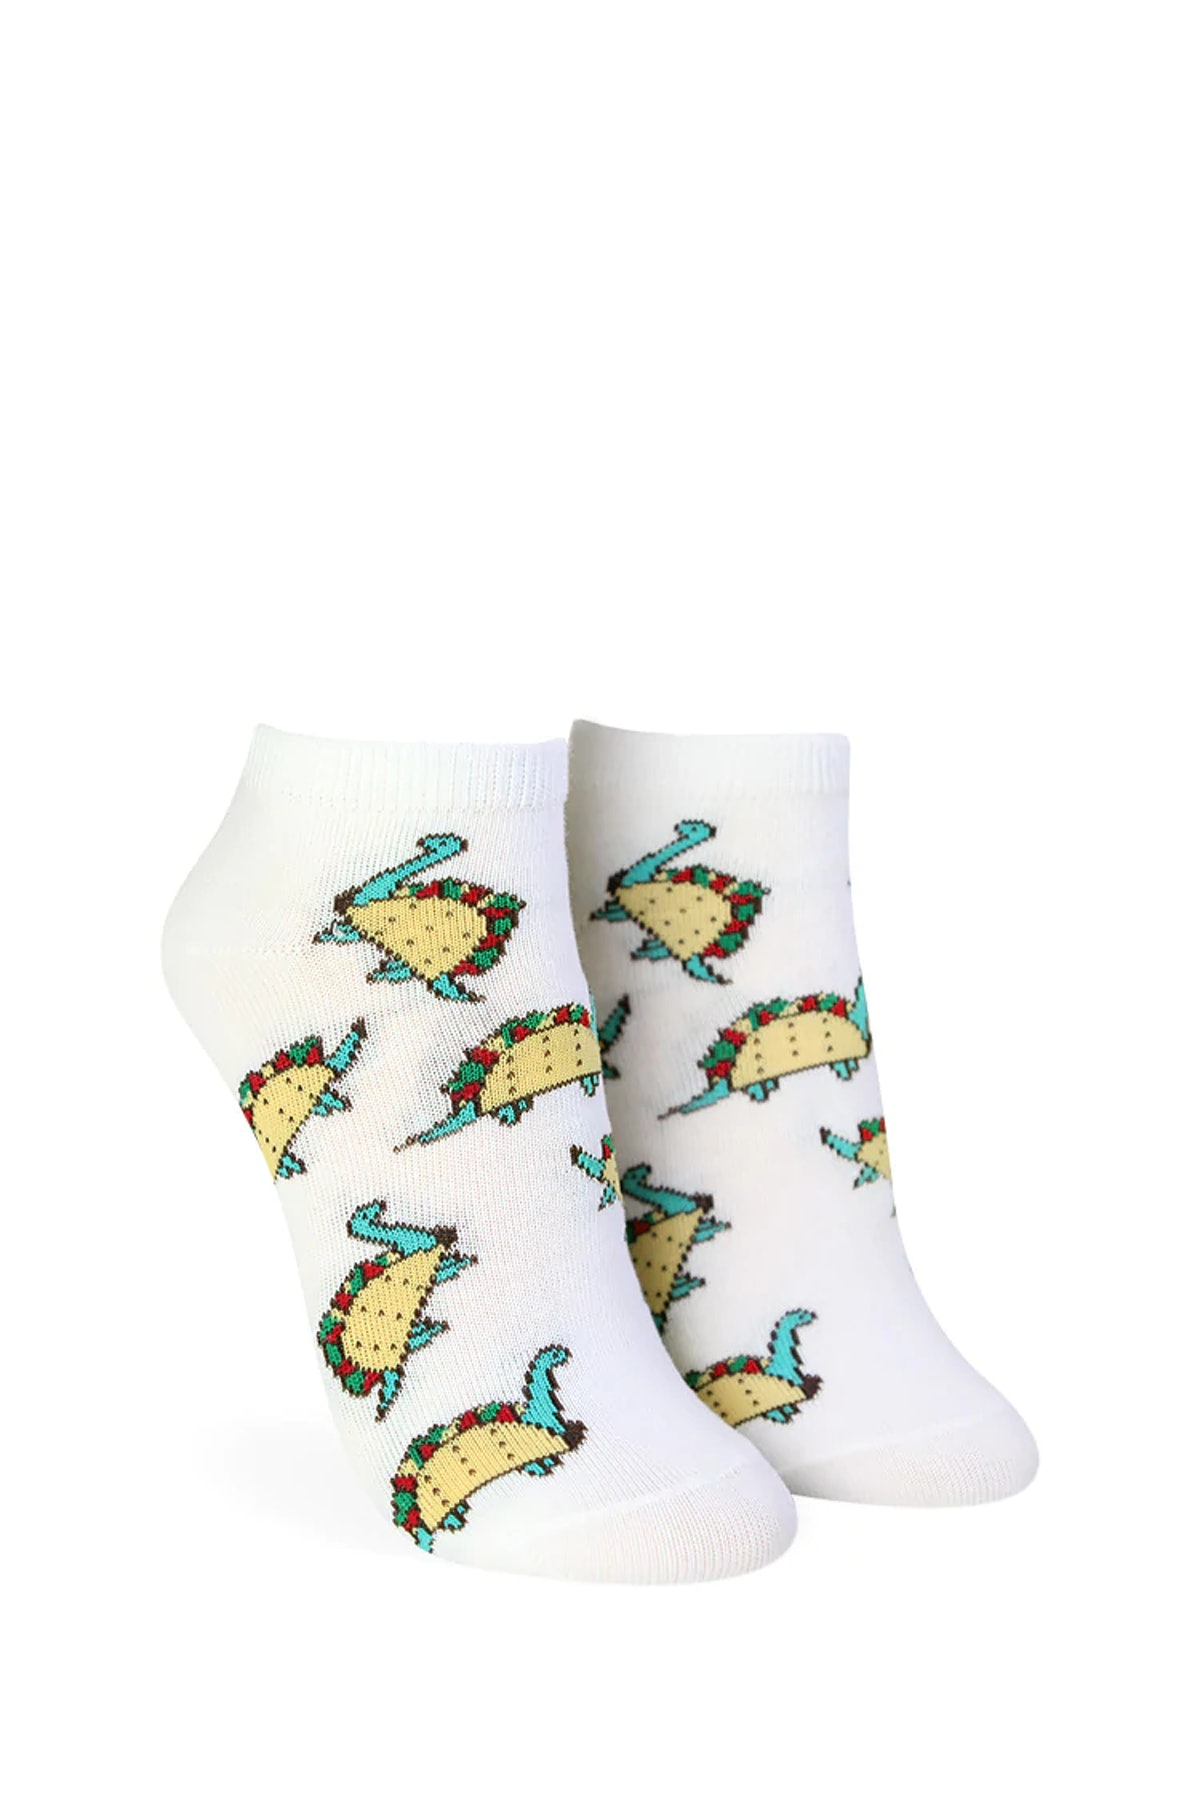 Forever 21 Taco Dinosaur Graphic Ankle Socks